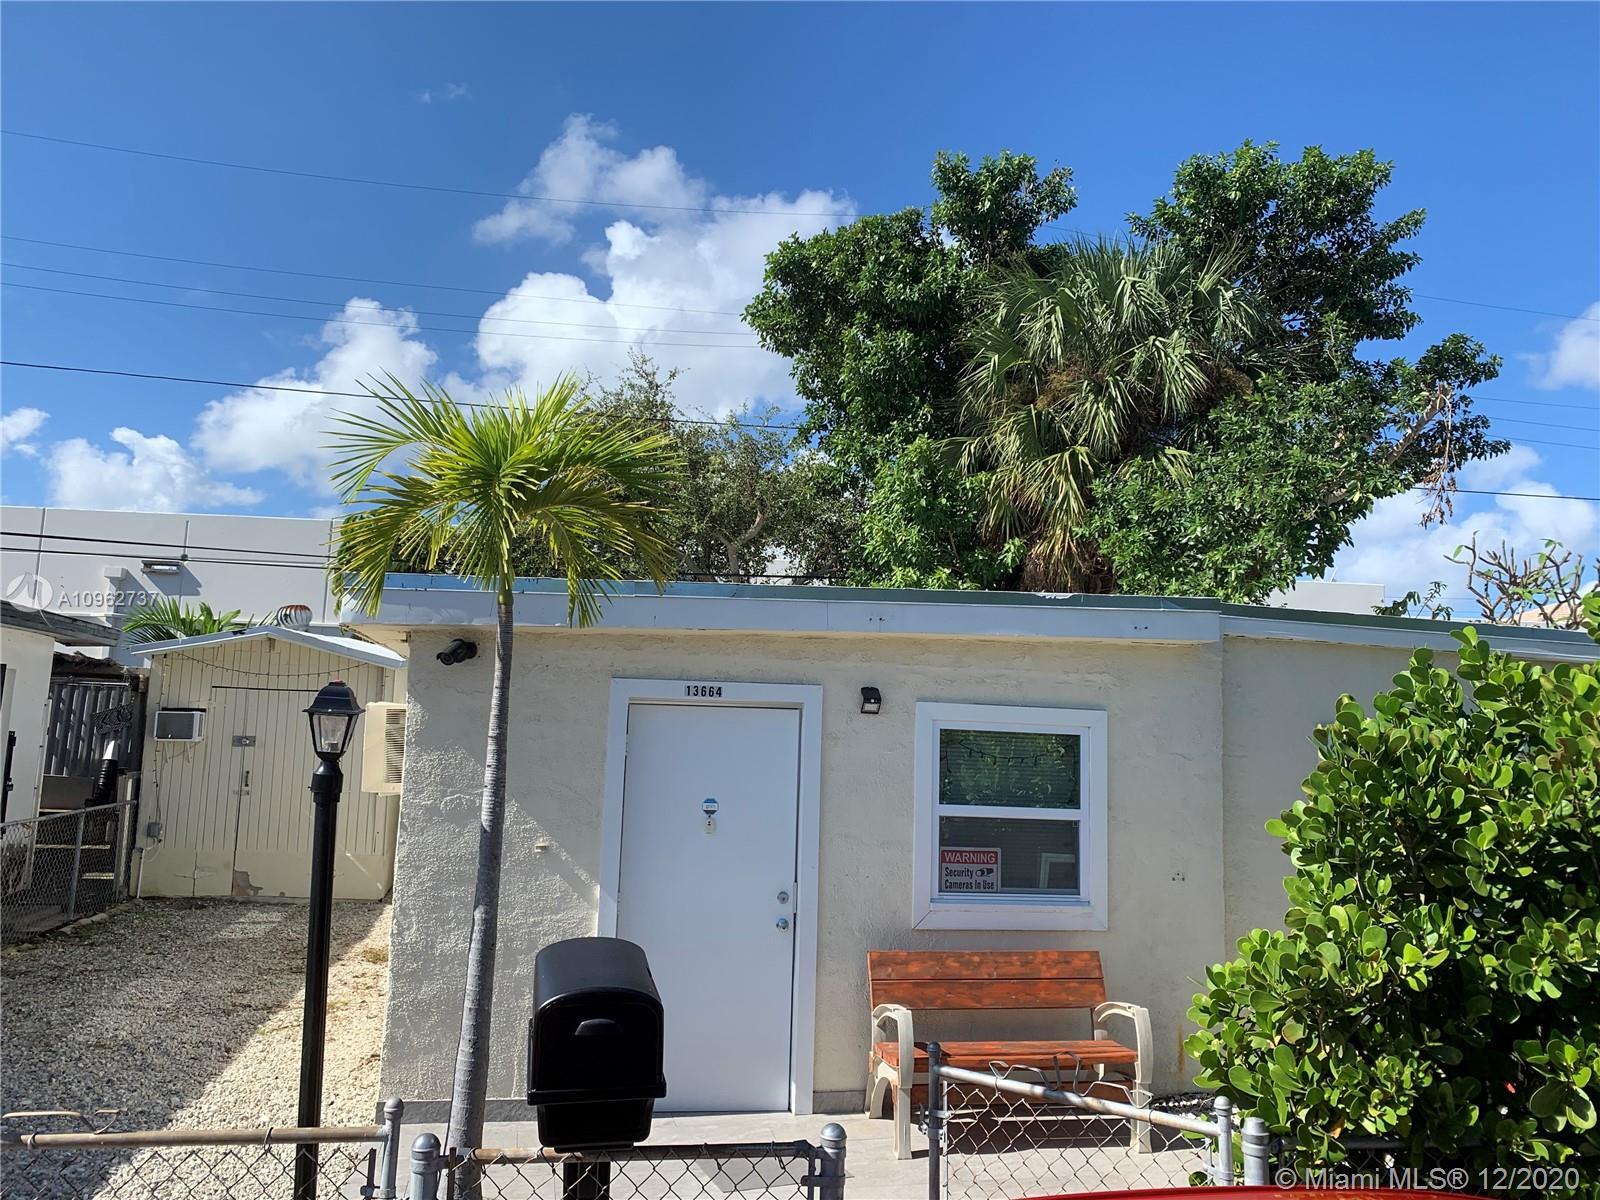 13664 NE 20th Ave, North Miami Beach, Florida 33181